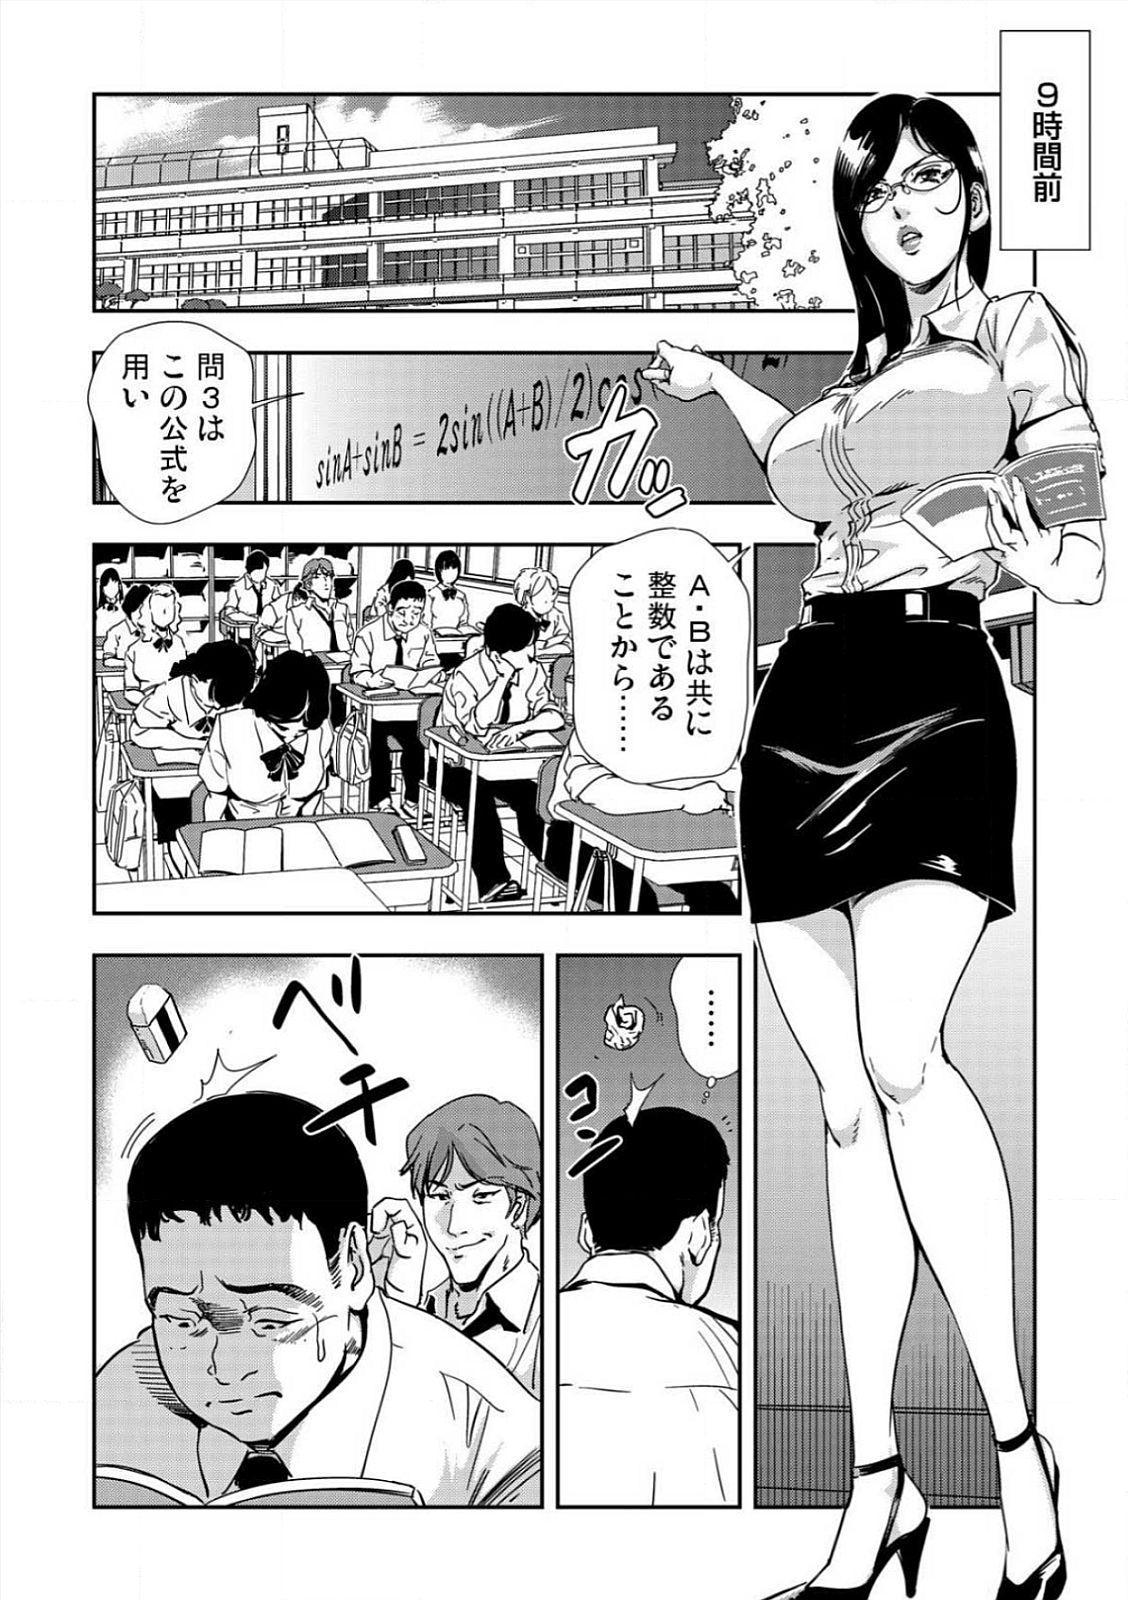 [Misaki Yukihiro] Kyousei Shidou ~Mechakucha ni Kegasarete~ (1)~(6) [Digital] 3